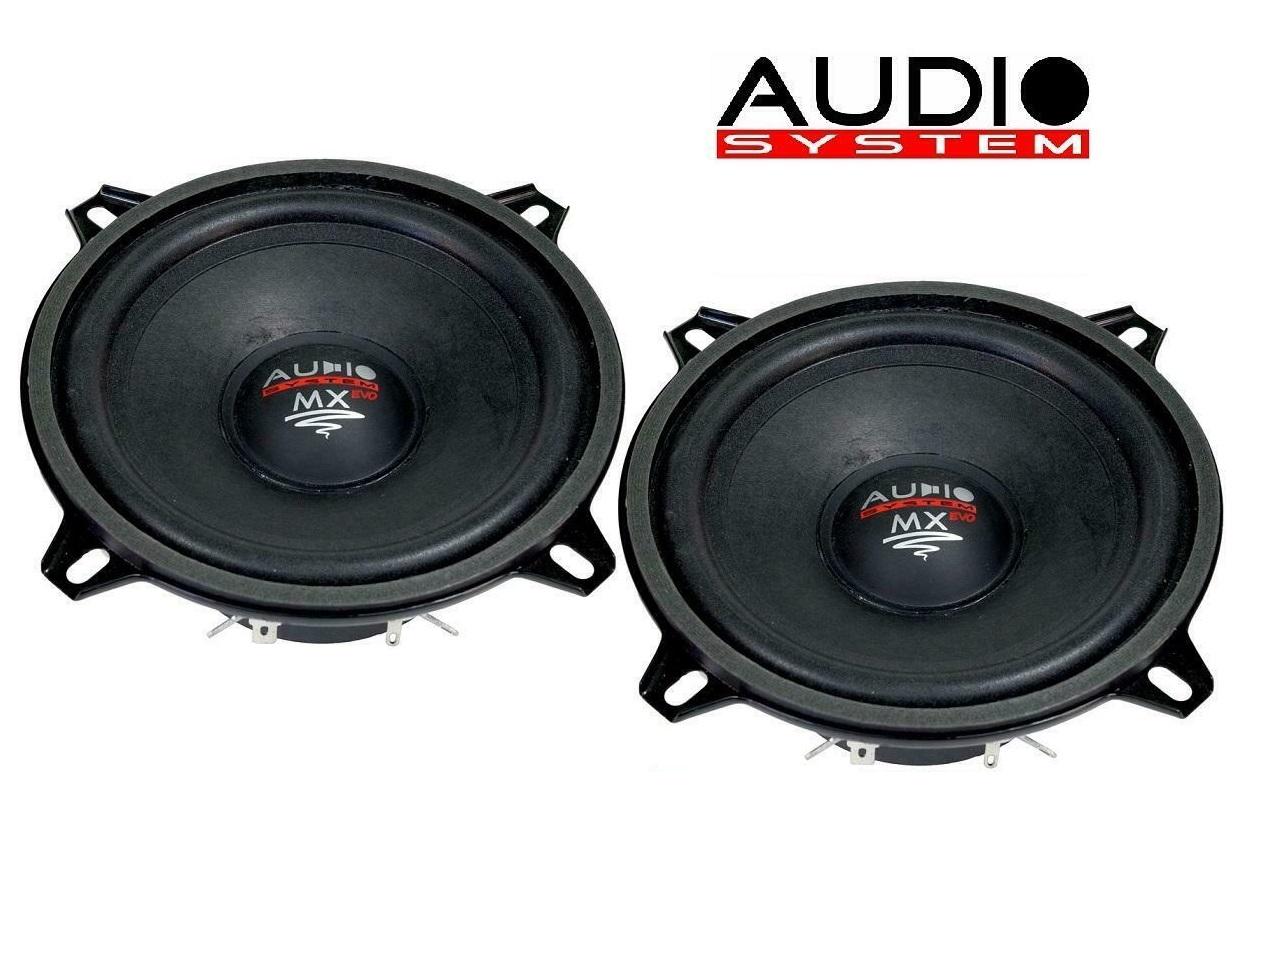 AUDIO SYSTEM MXS 130 EVO Mitteltöner Tief Mitteltöner Lautsprecher 13 cm - 1 Paar